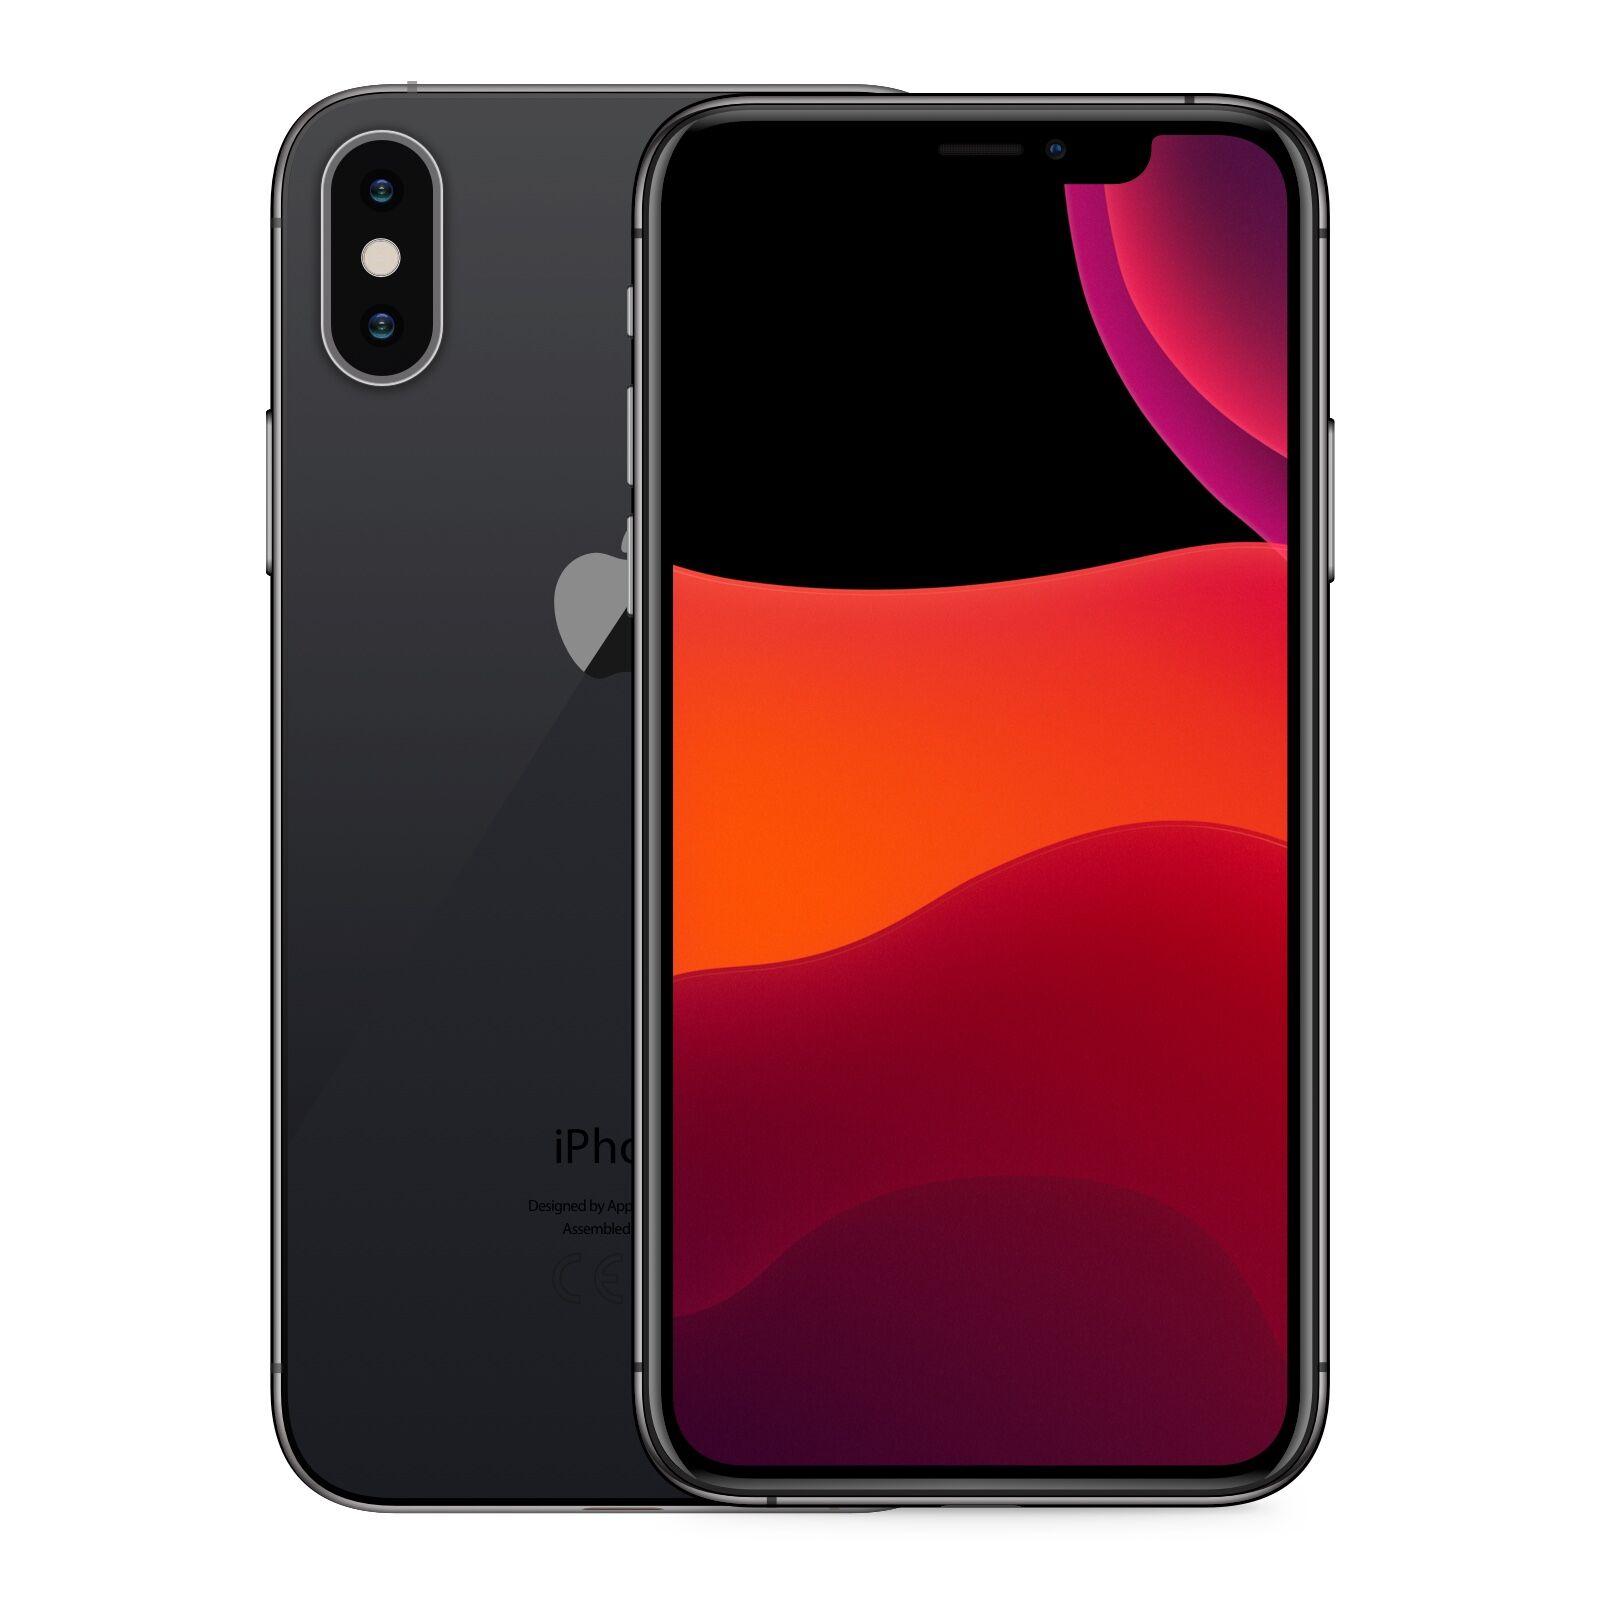 Apple iPhone XS Max 64GB Rymdgrå Klass: B